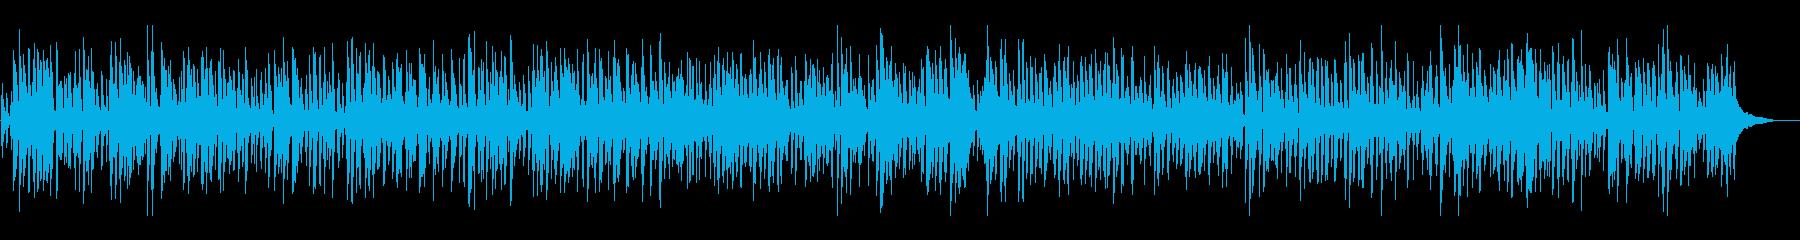 明るいアコースティックジャズピアノトリオの再生済みの波形